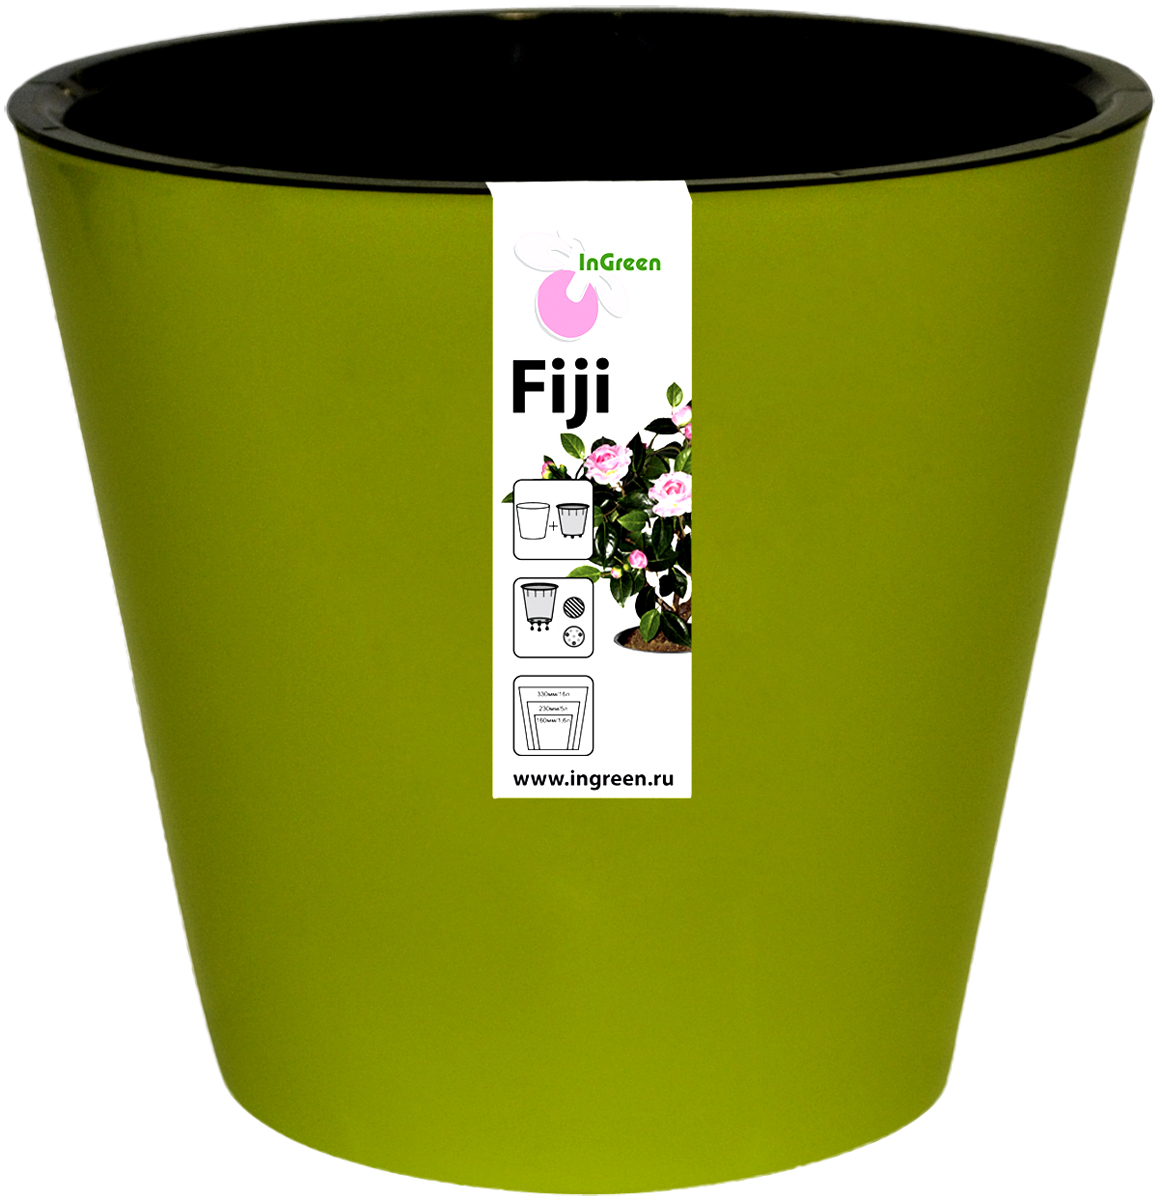 """Горшок для цветов InGreen """"Фиджи"""", с системой автополива, цвет: зелено-желтый, диаметр 23 см"""